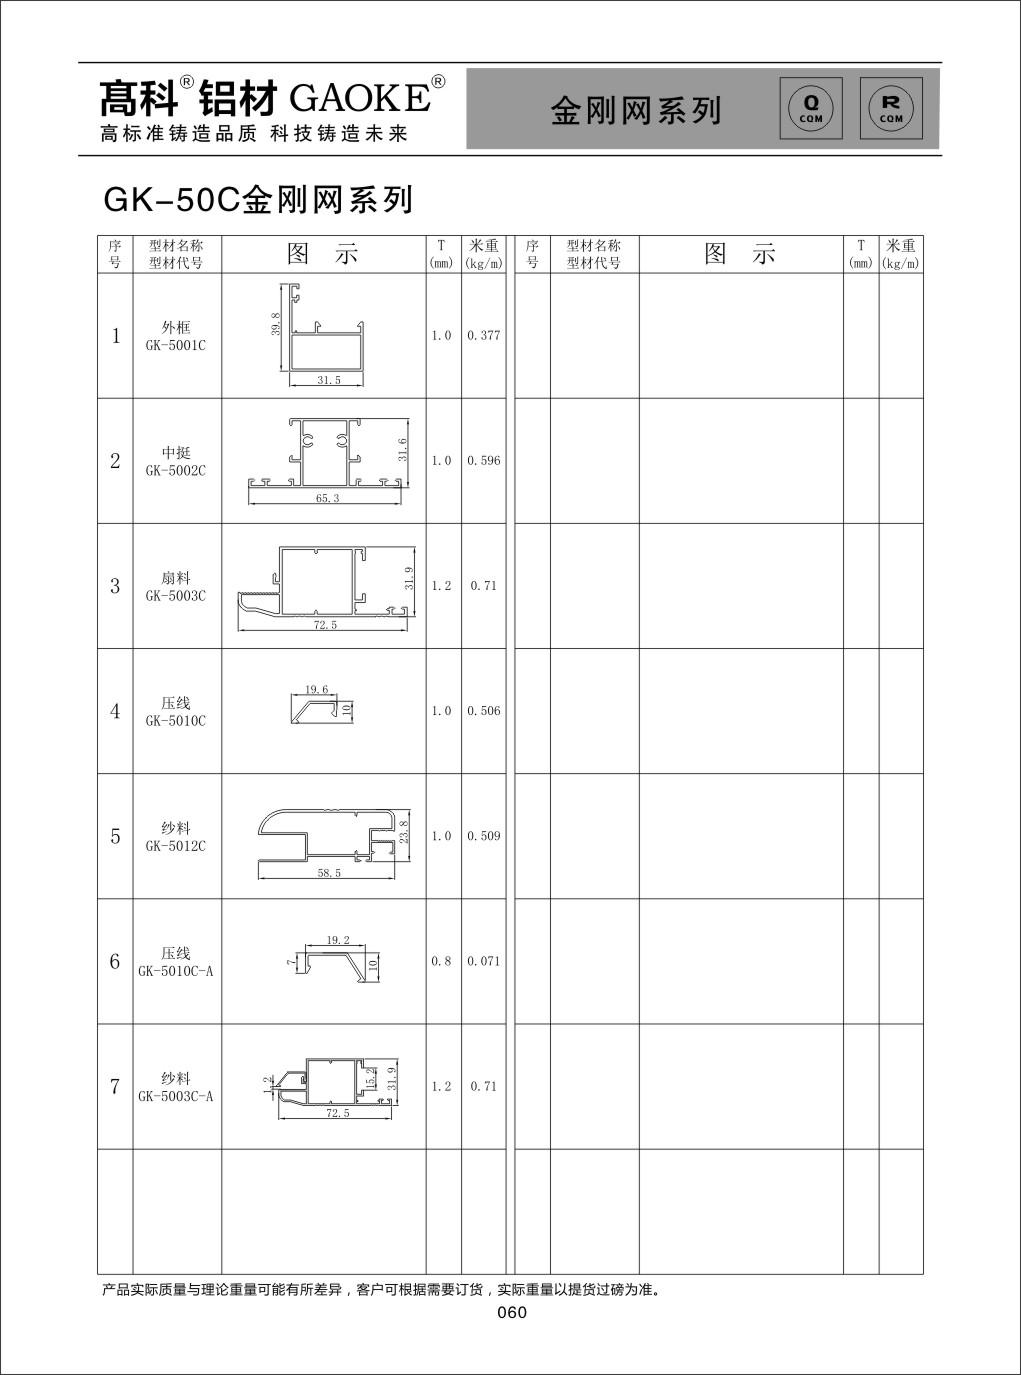 彩铝GK-50C金刚网系列